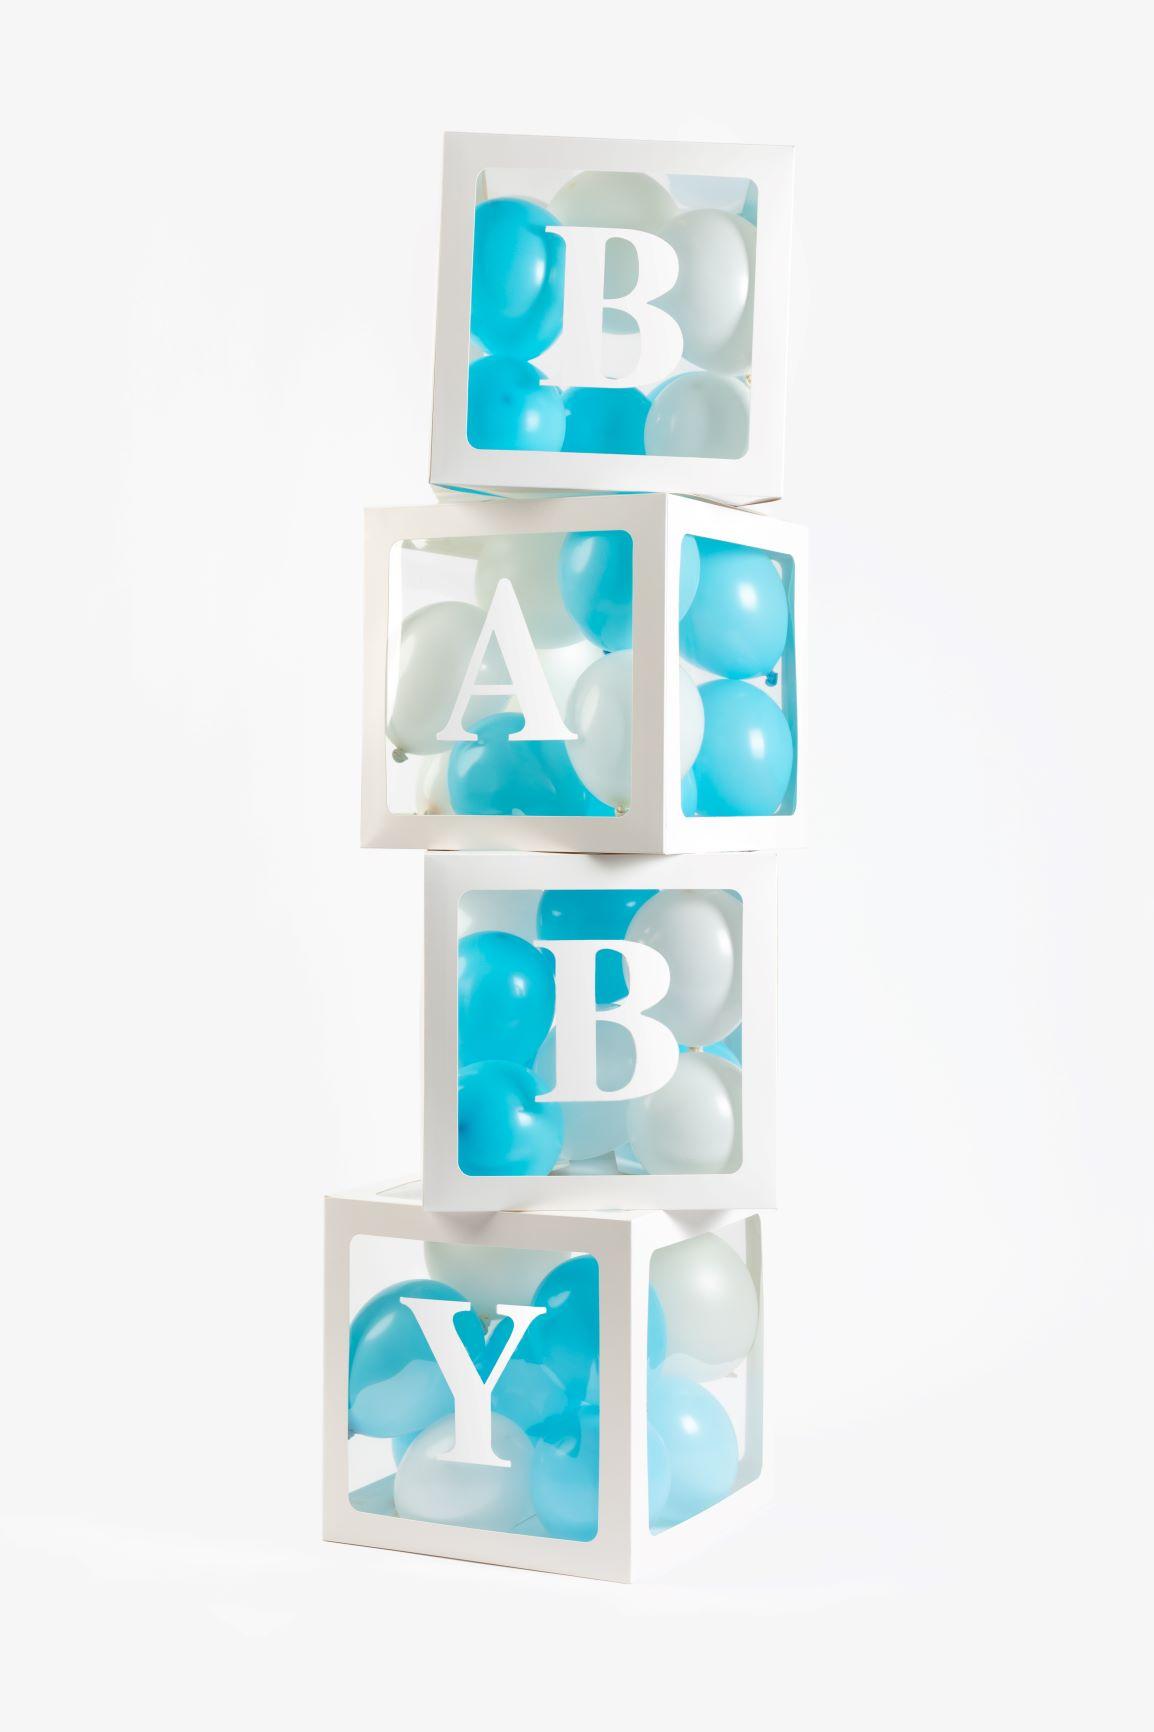 4st Balloon Boxes B.A.B.Y en L.O.V.E